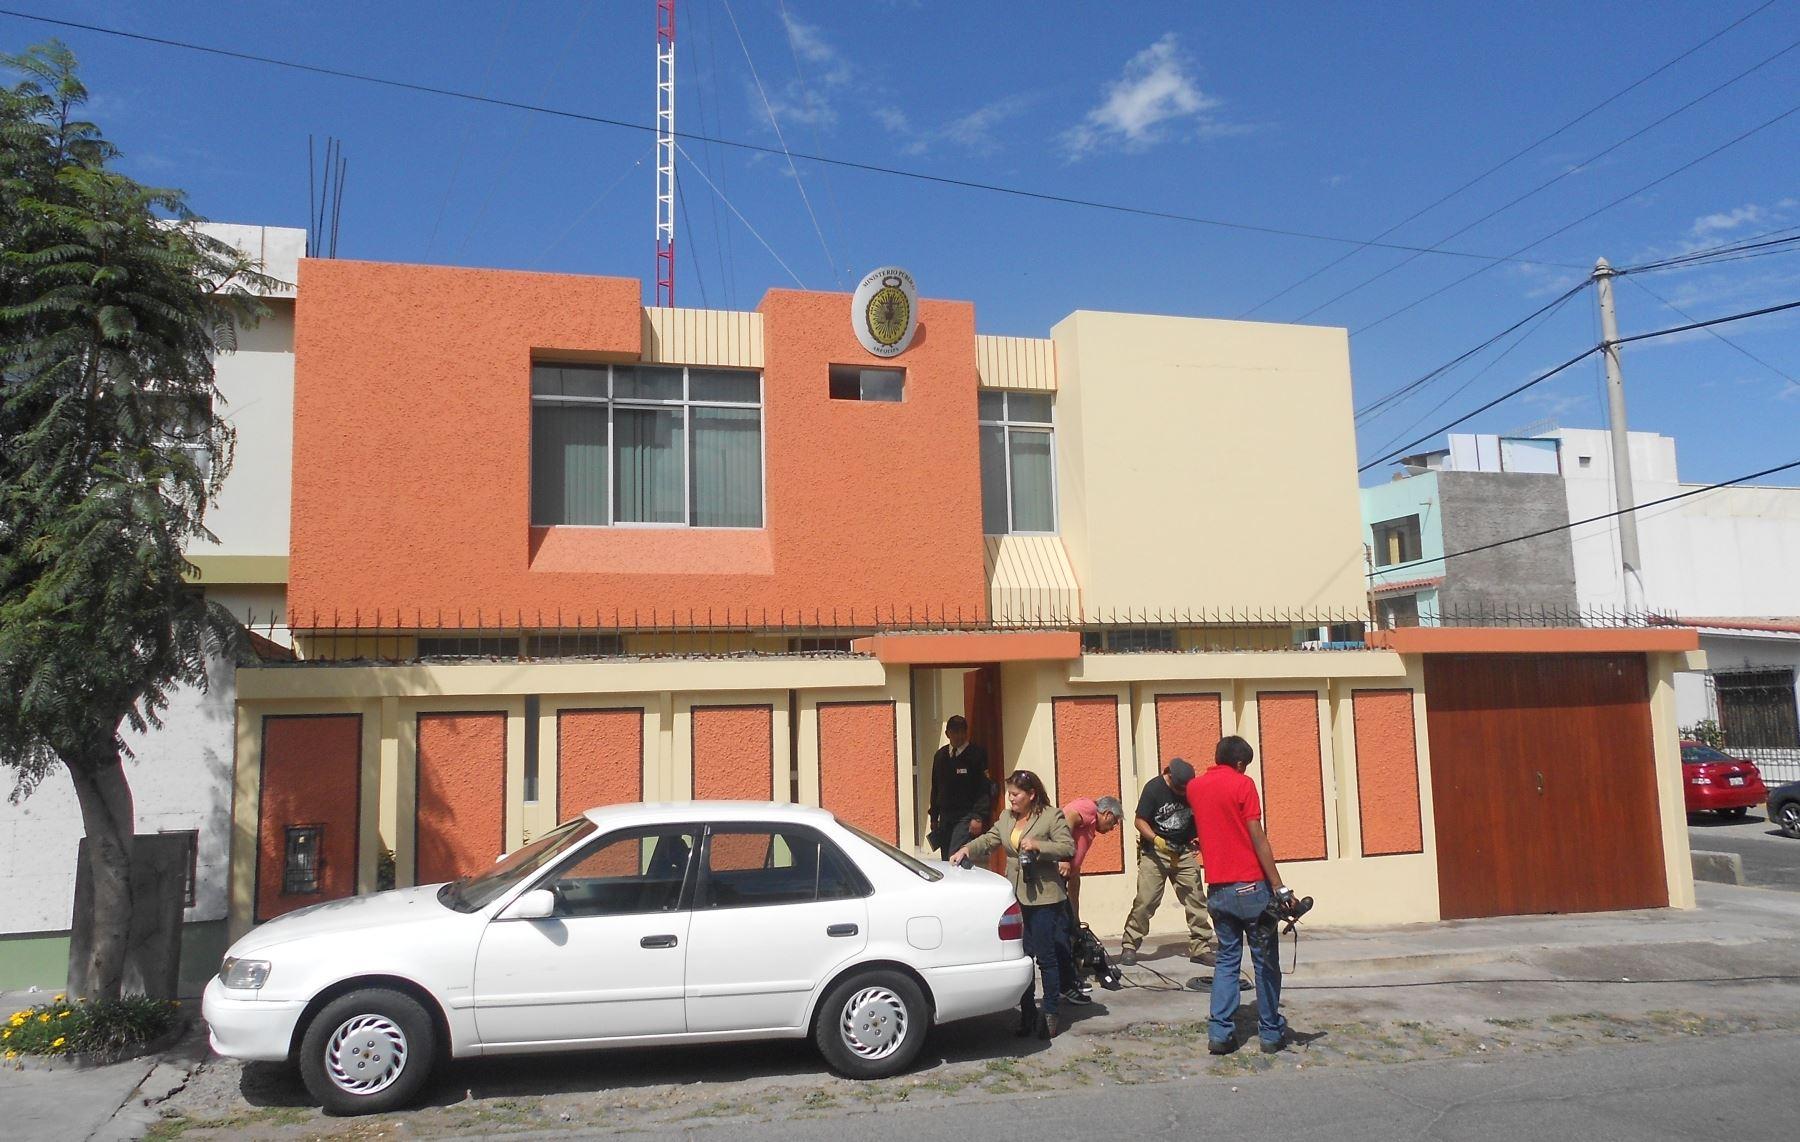 Fiscalía de Crimen Organizado de Arequipa investiga el caso de la presunta extorsión, pedido de pago de soborno, contra la ejecución del proyecto Tía María. Foto: ANDINA/Rocío Méndez.